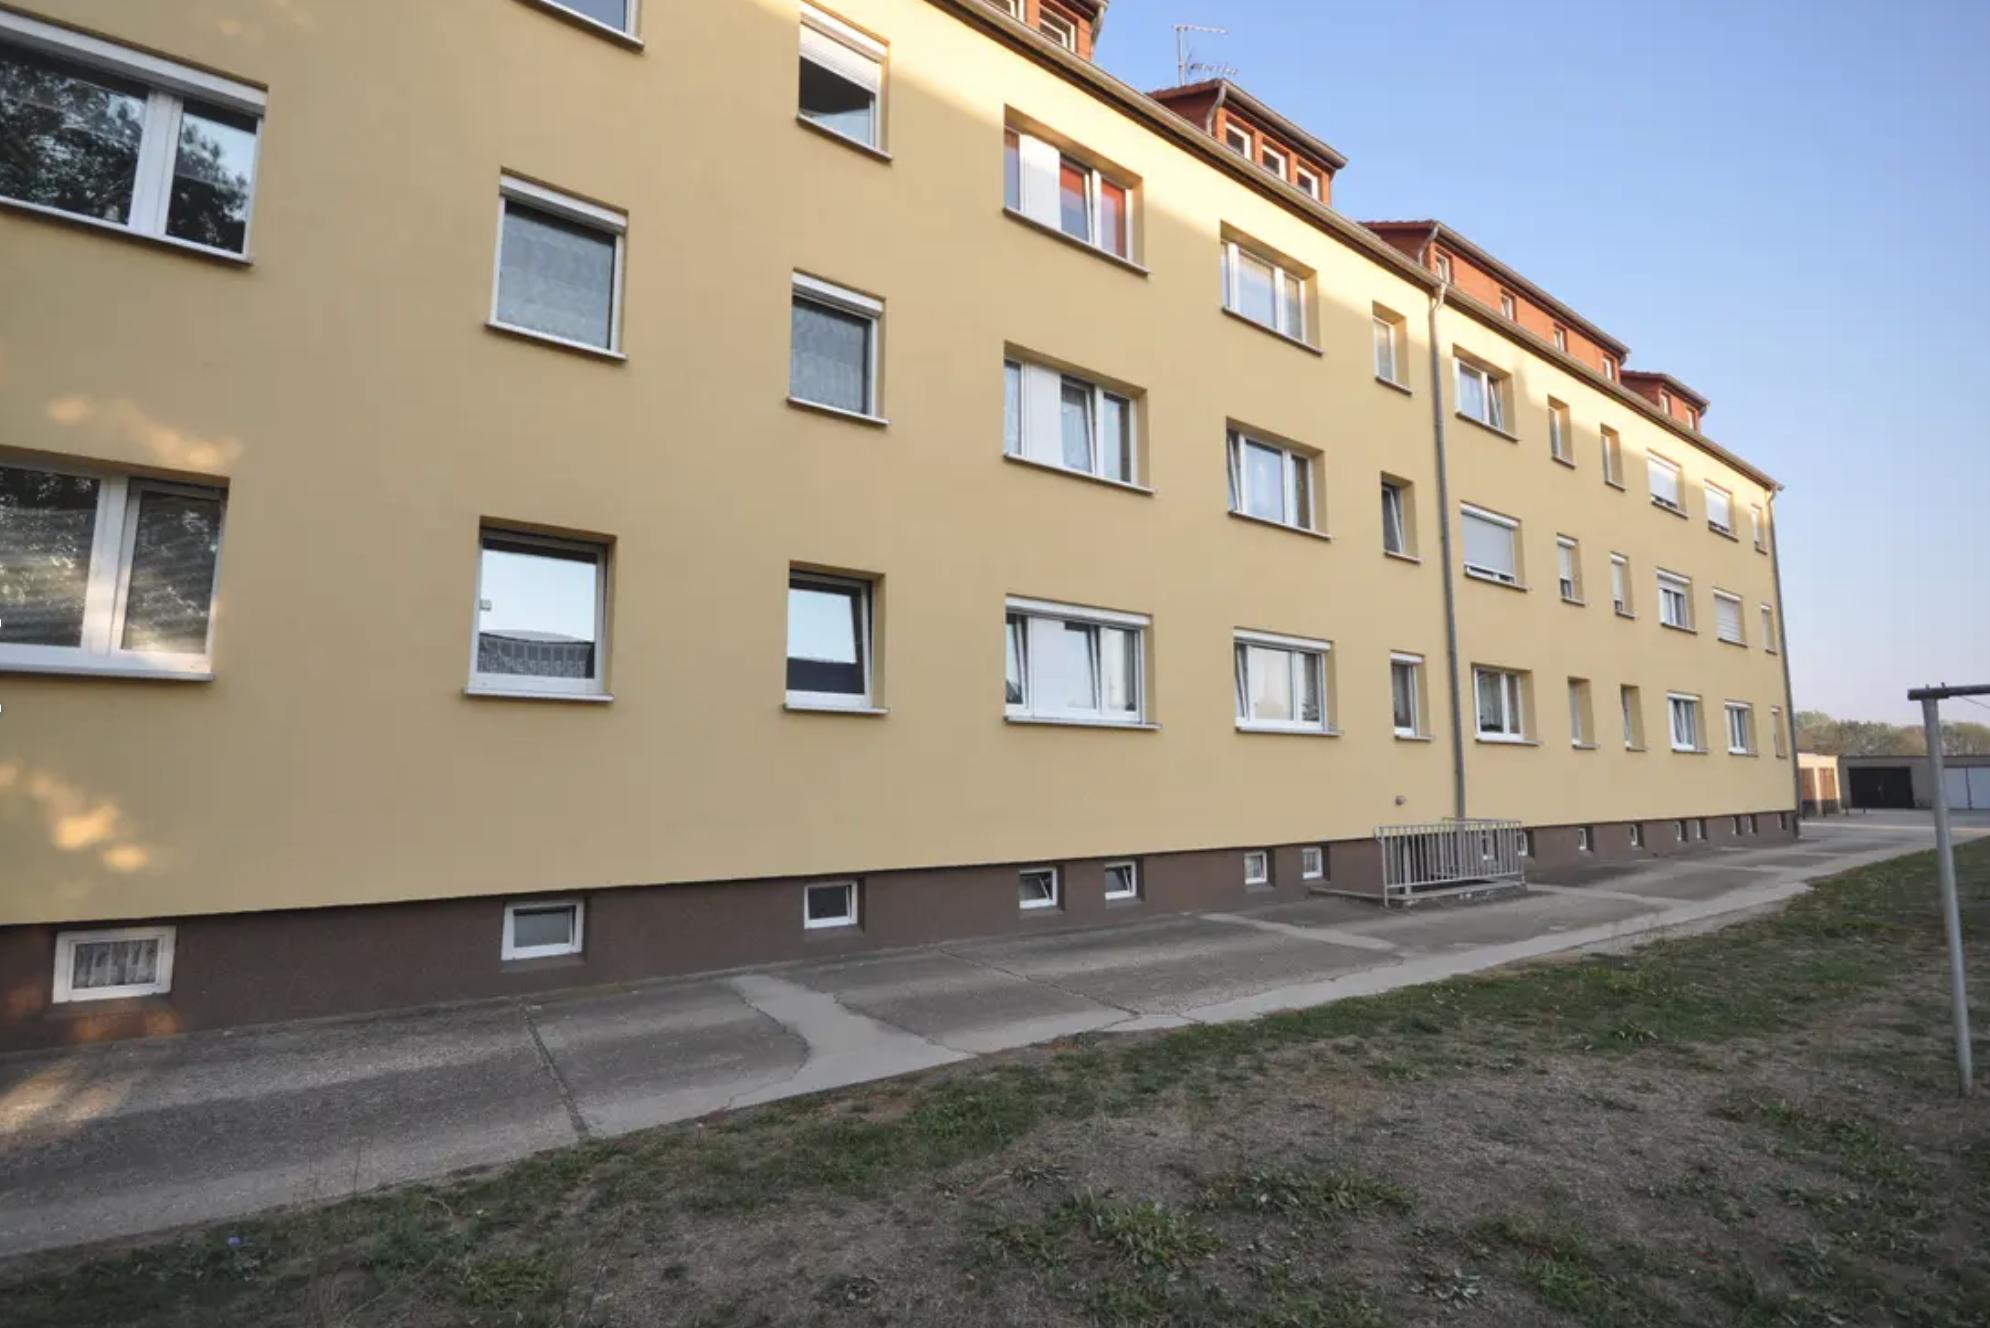 Außenansicht 1, 3-Raum-Wohnung in Zwochau, Immobilienmaklerin Sylvia Bremer